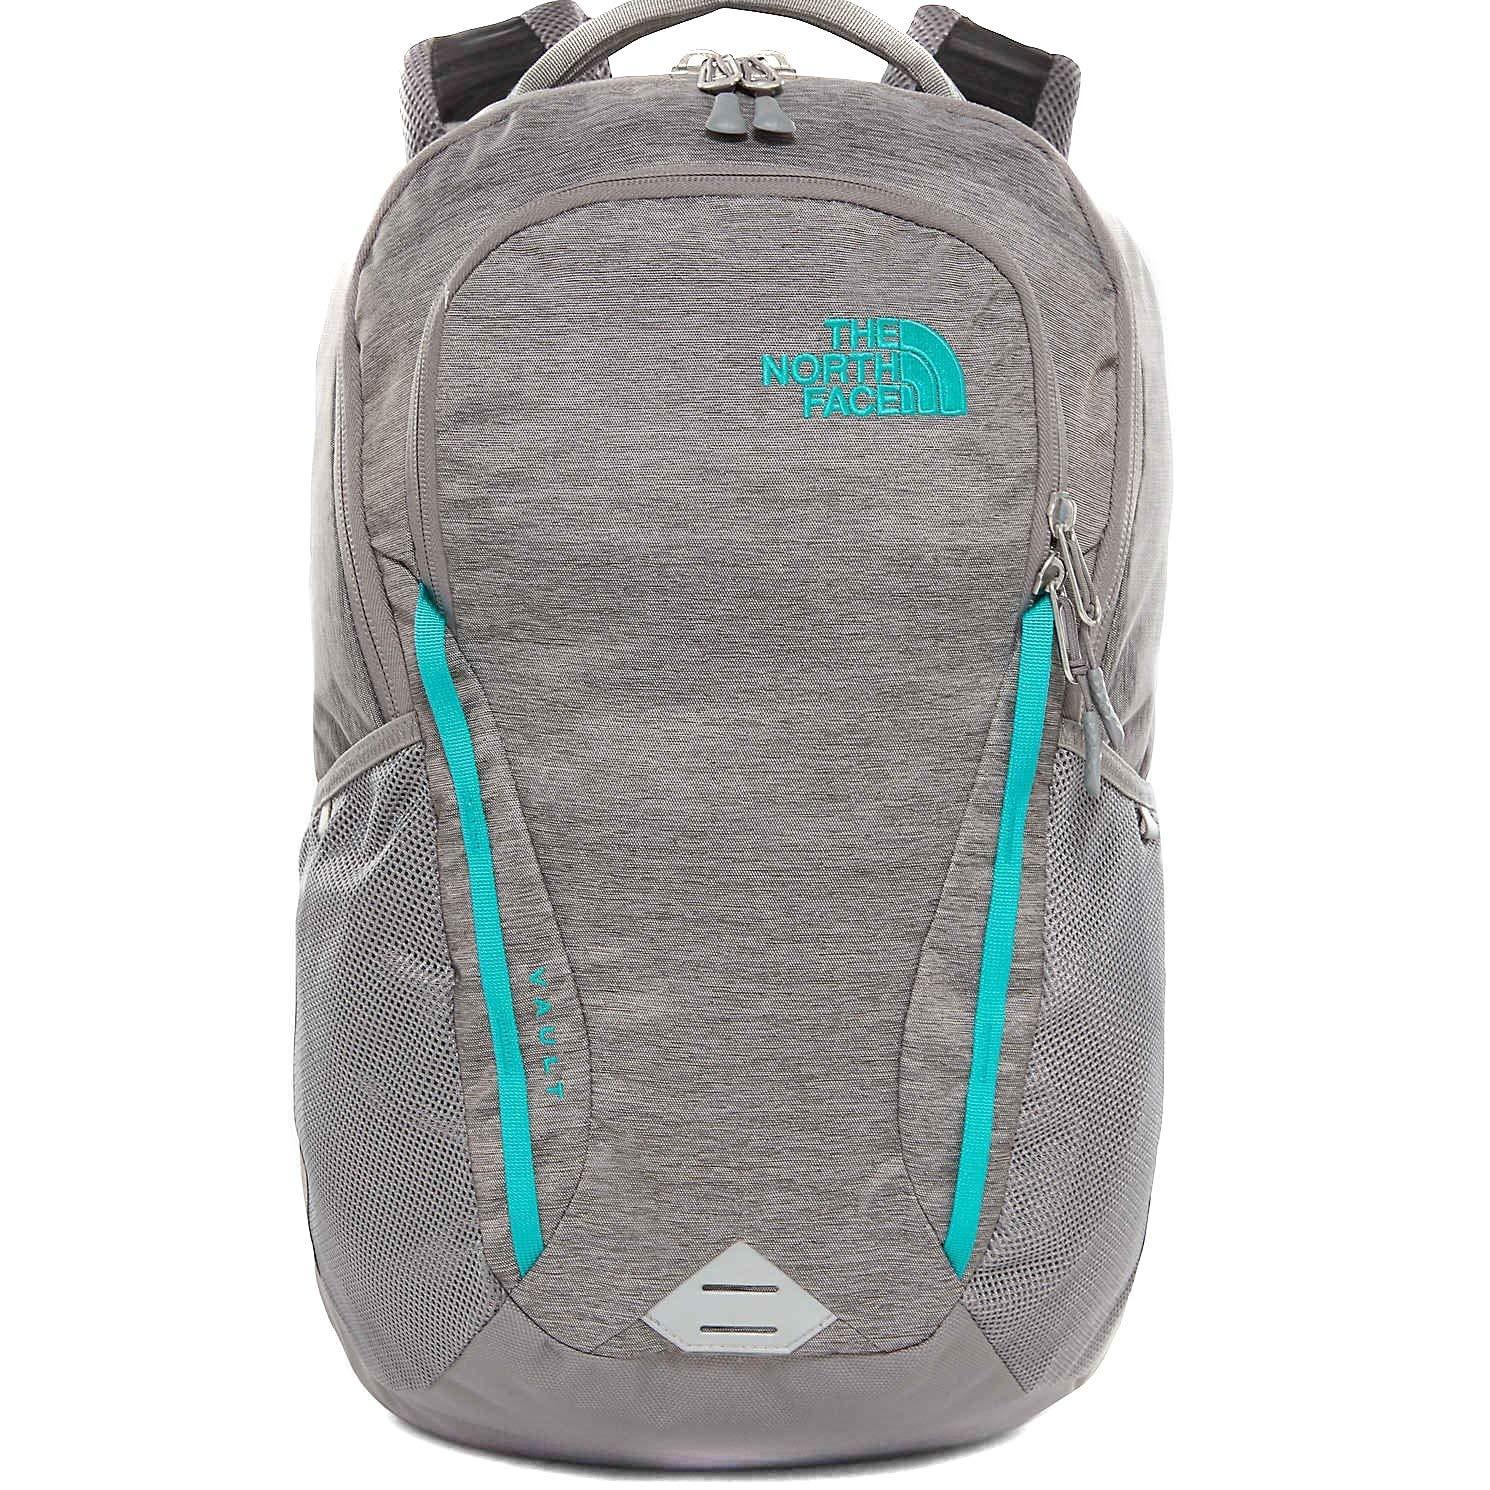 644a6255a3d5 The North Face Women's Women's Vault Backpack Zinc Grey Light  Heather/Kokomo Green One Size